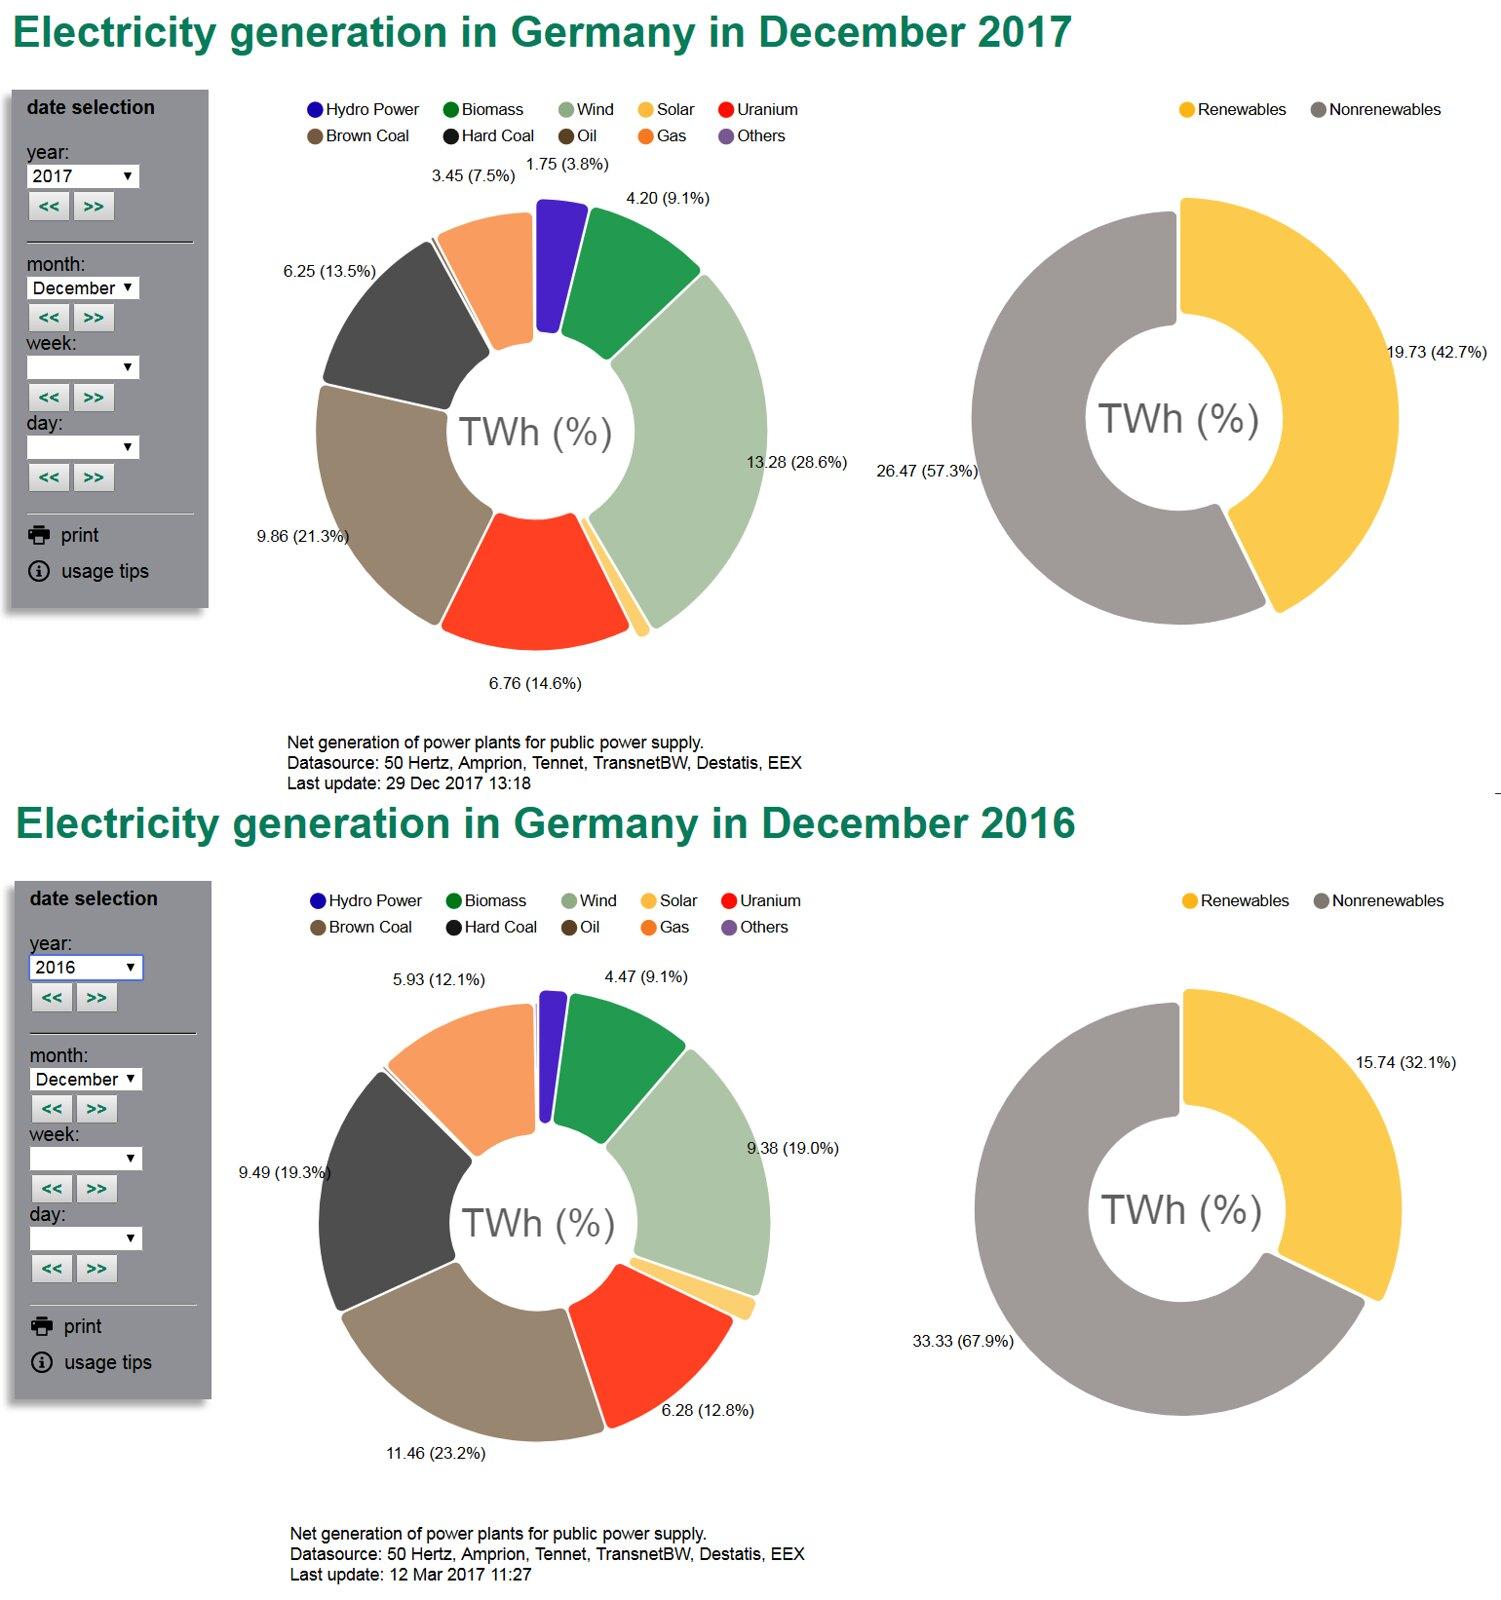 Ветер стал основным генератором электроэнергии в Германии